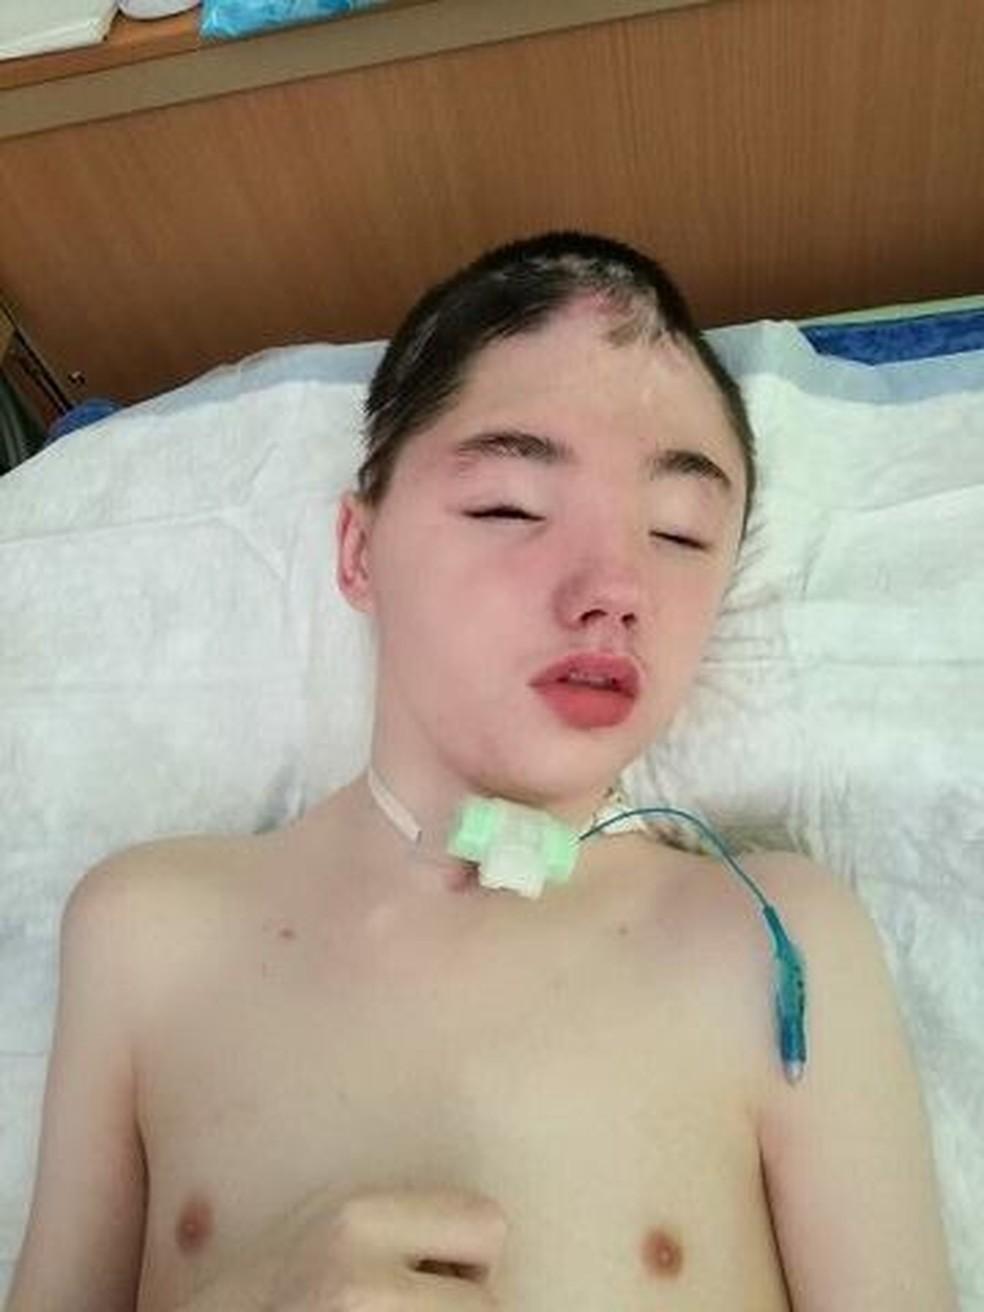 Vanya Krapivin passou 19 meses internado e perdeu parte do crânio após tentar evitar que vizinho estuprasse a mãe — Foto: Dr. Lisa/VK/Reprodução